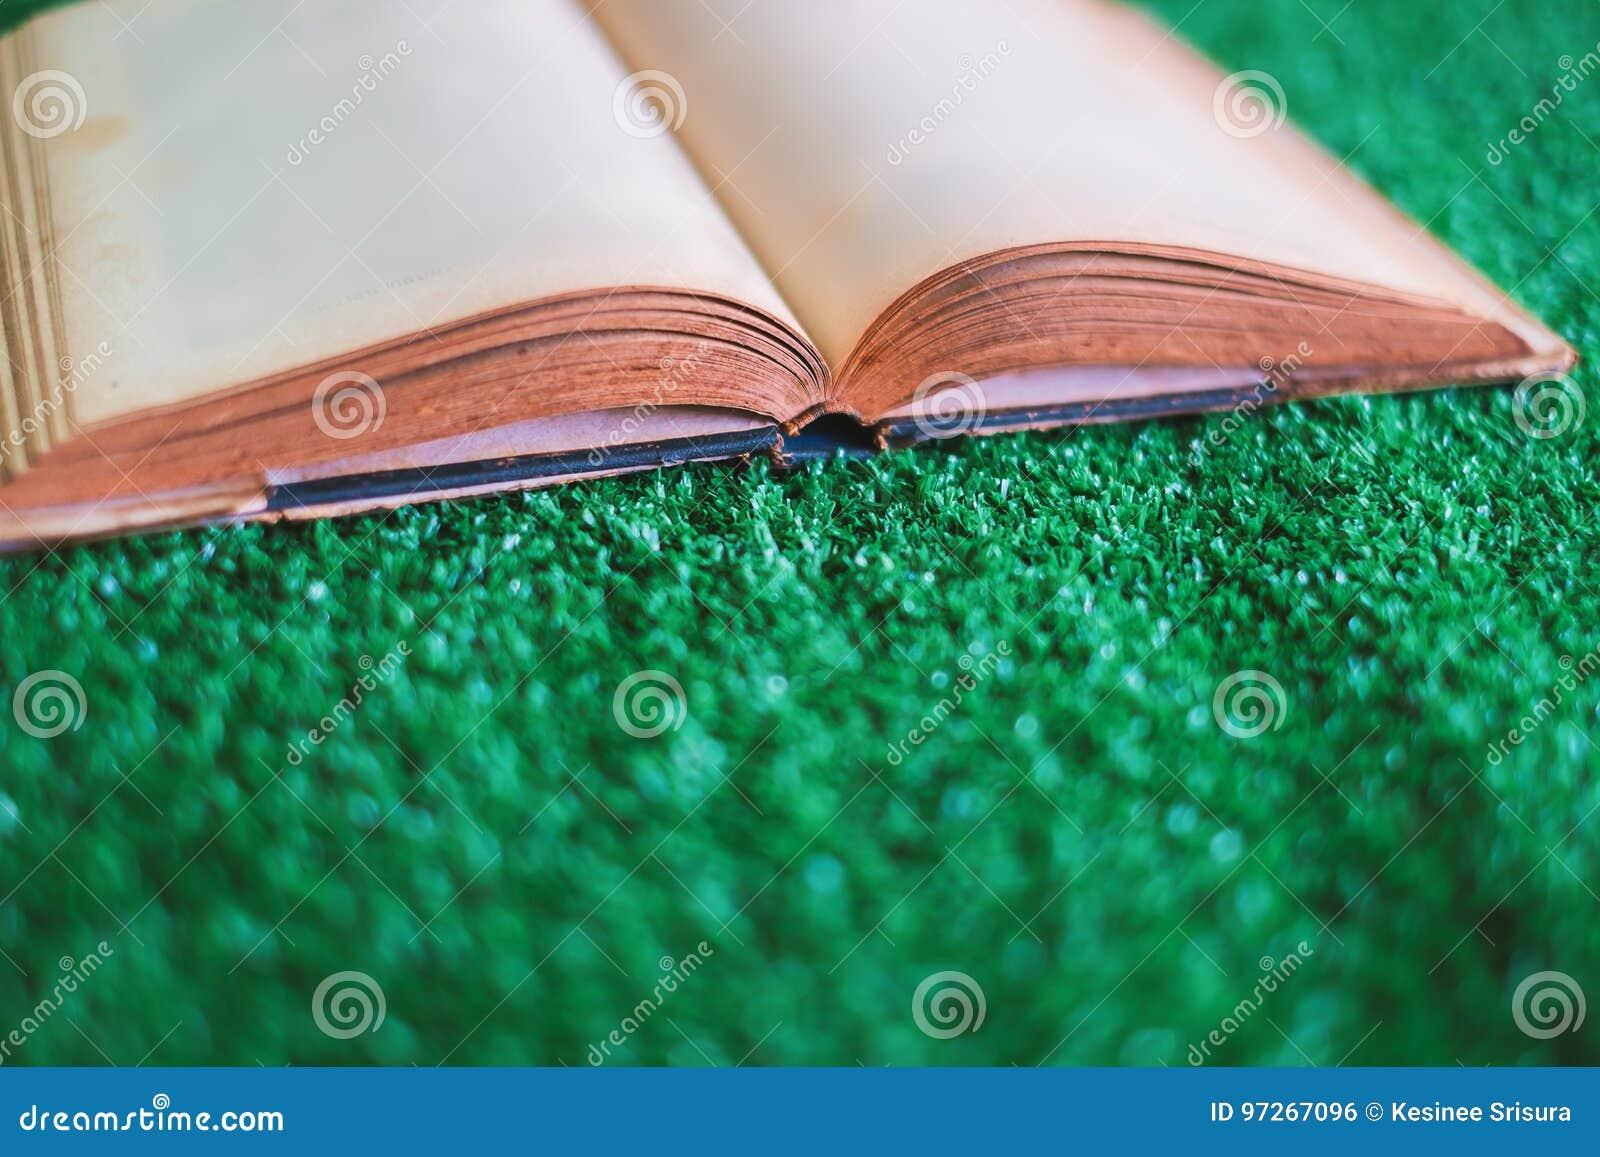 Старая раскрытая книга на искусственной траве